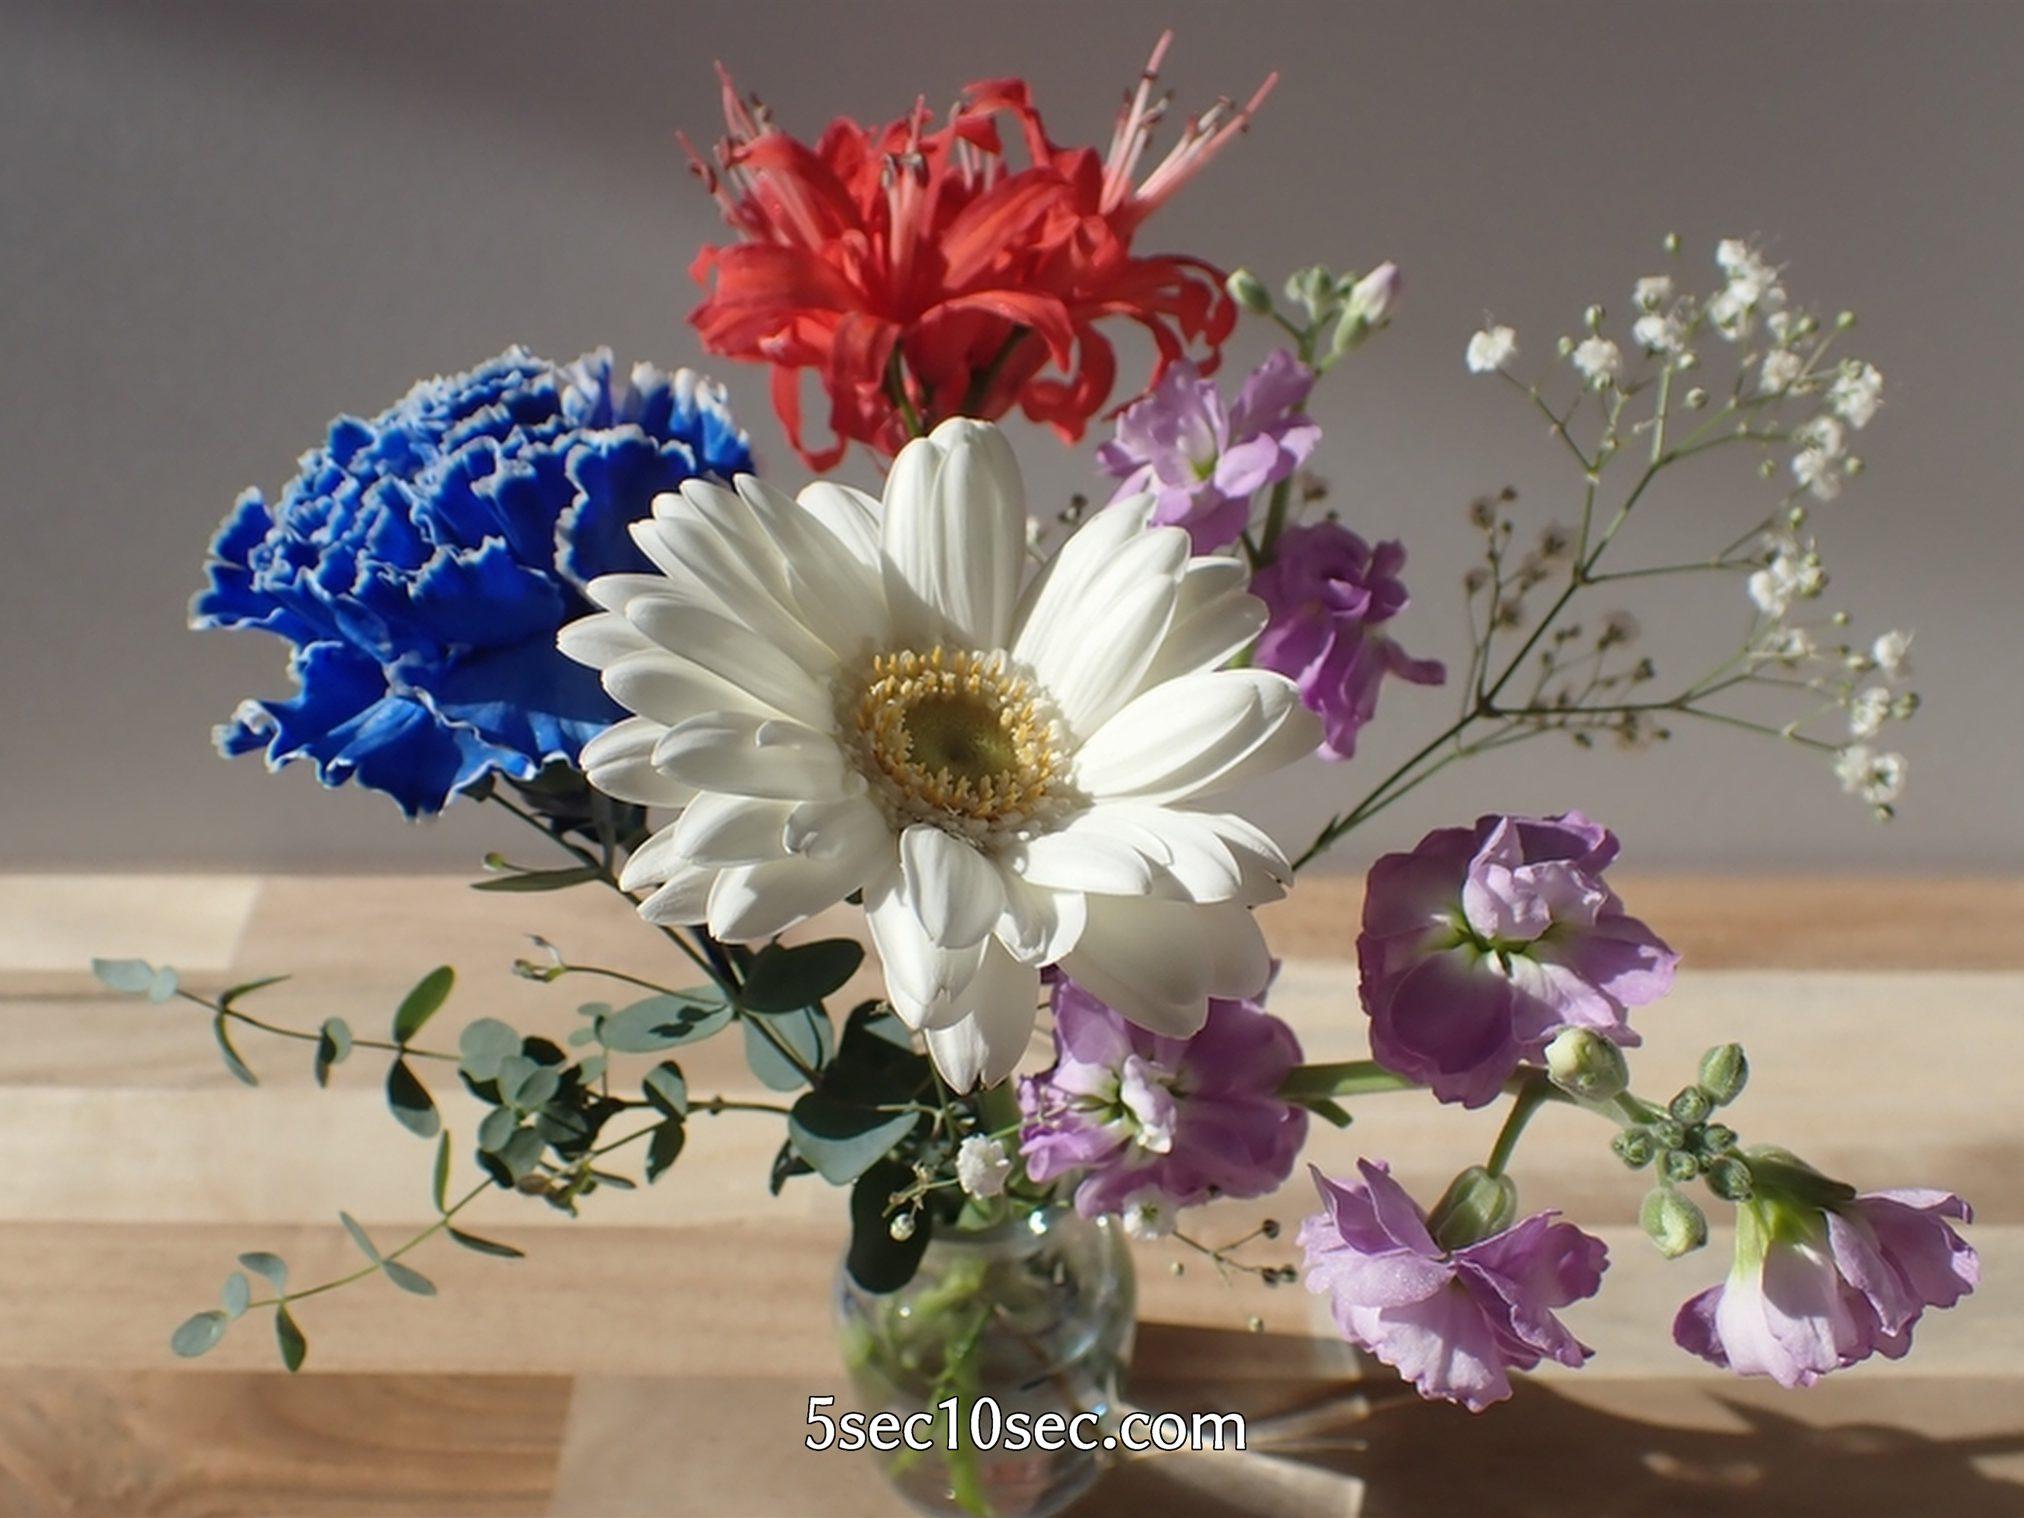 株式会社Crunch Style お花の定期便 Bloomee LIFE ブルーミーライフ 800円のレギュラープラン 立体的で色んな角度から楽しめます